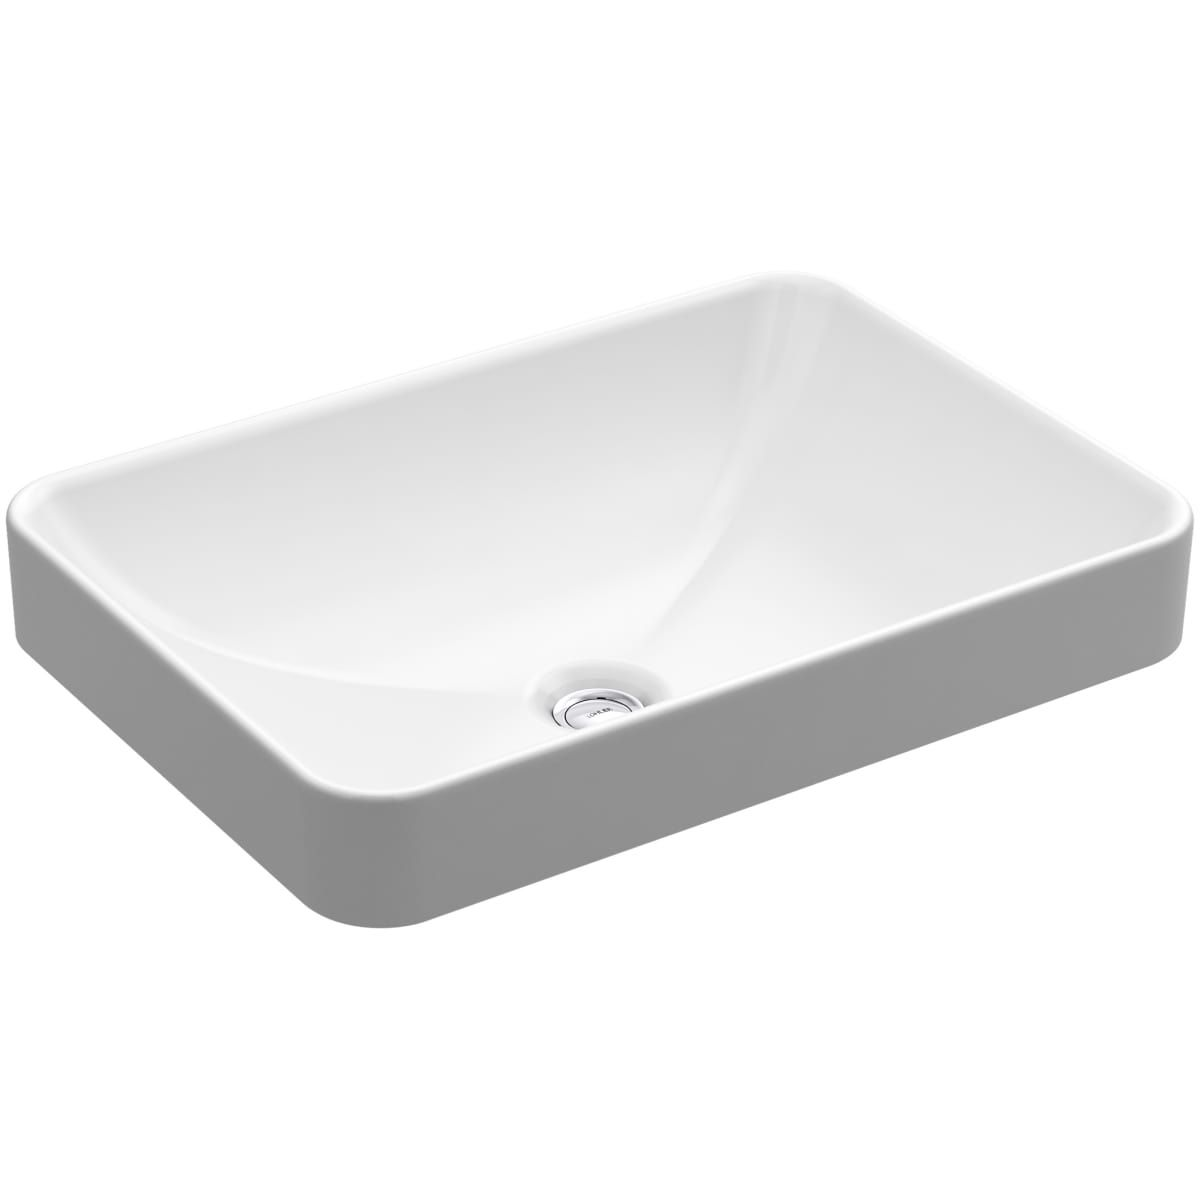 Kohler K 5373 Build Com Above Counter Bathroom Sink Drop In Bathroom Sinks Rectangular Sink Bathroom